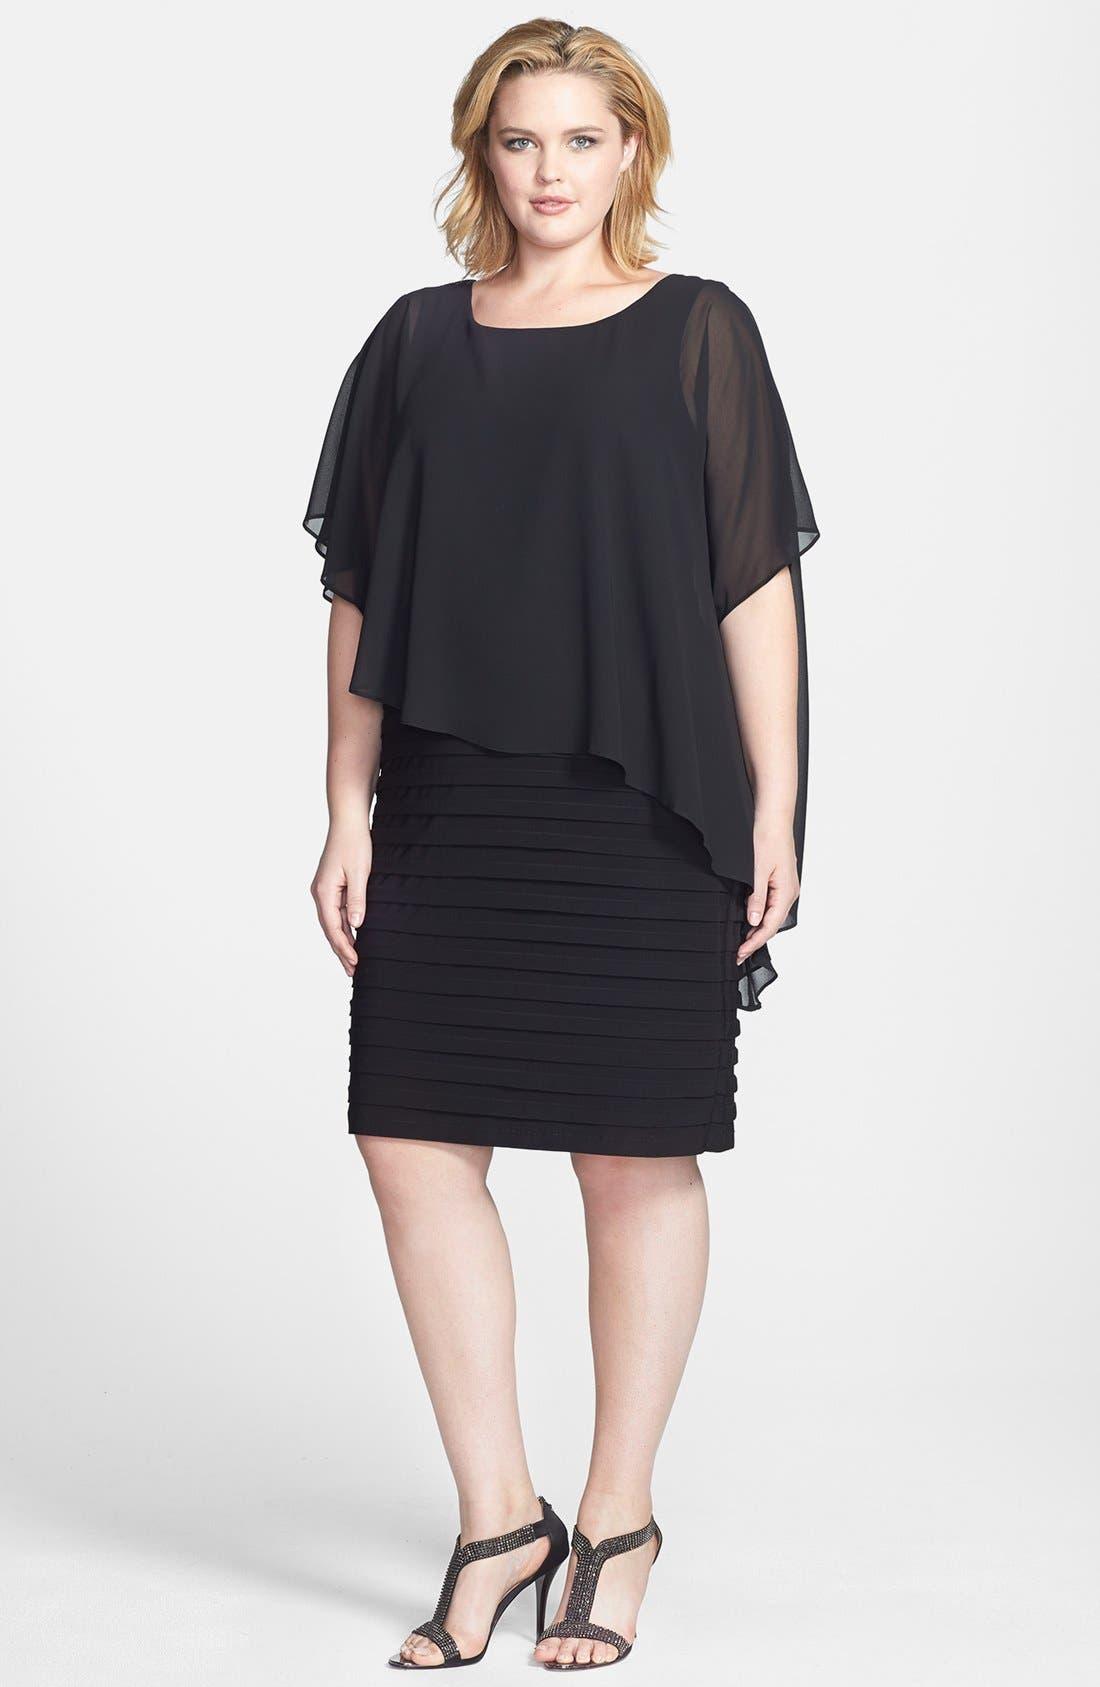 Alternate Image 1 Selected - Betsy & Adam Chiffon Overlay Shutter Pleat Sheath Dress (Plus Size)